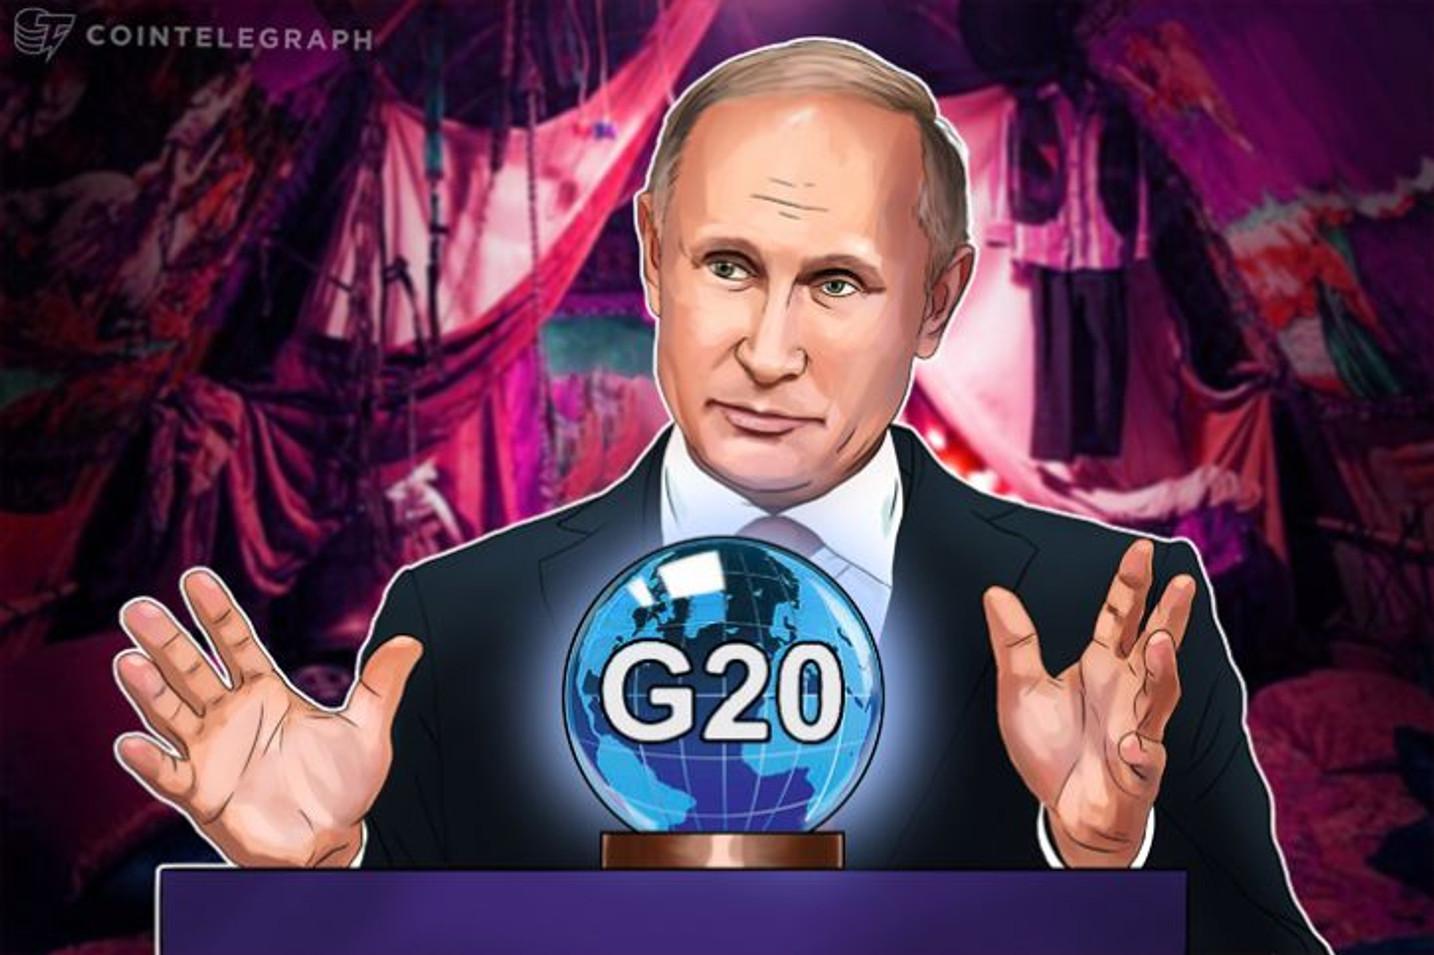 ブロックチェーン業界はプーチン大統領が予測する新仮想秩序へと向かうのか